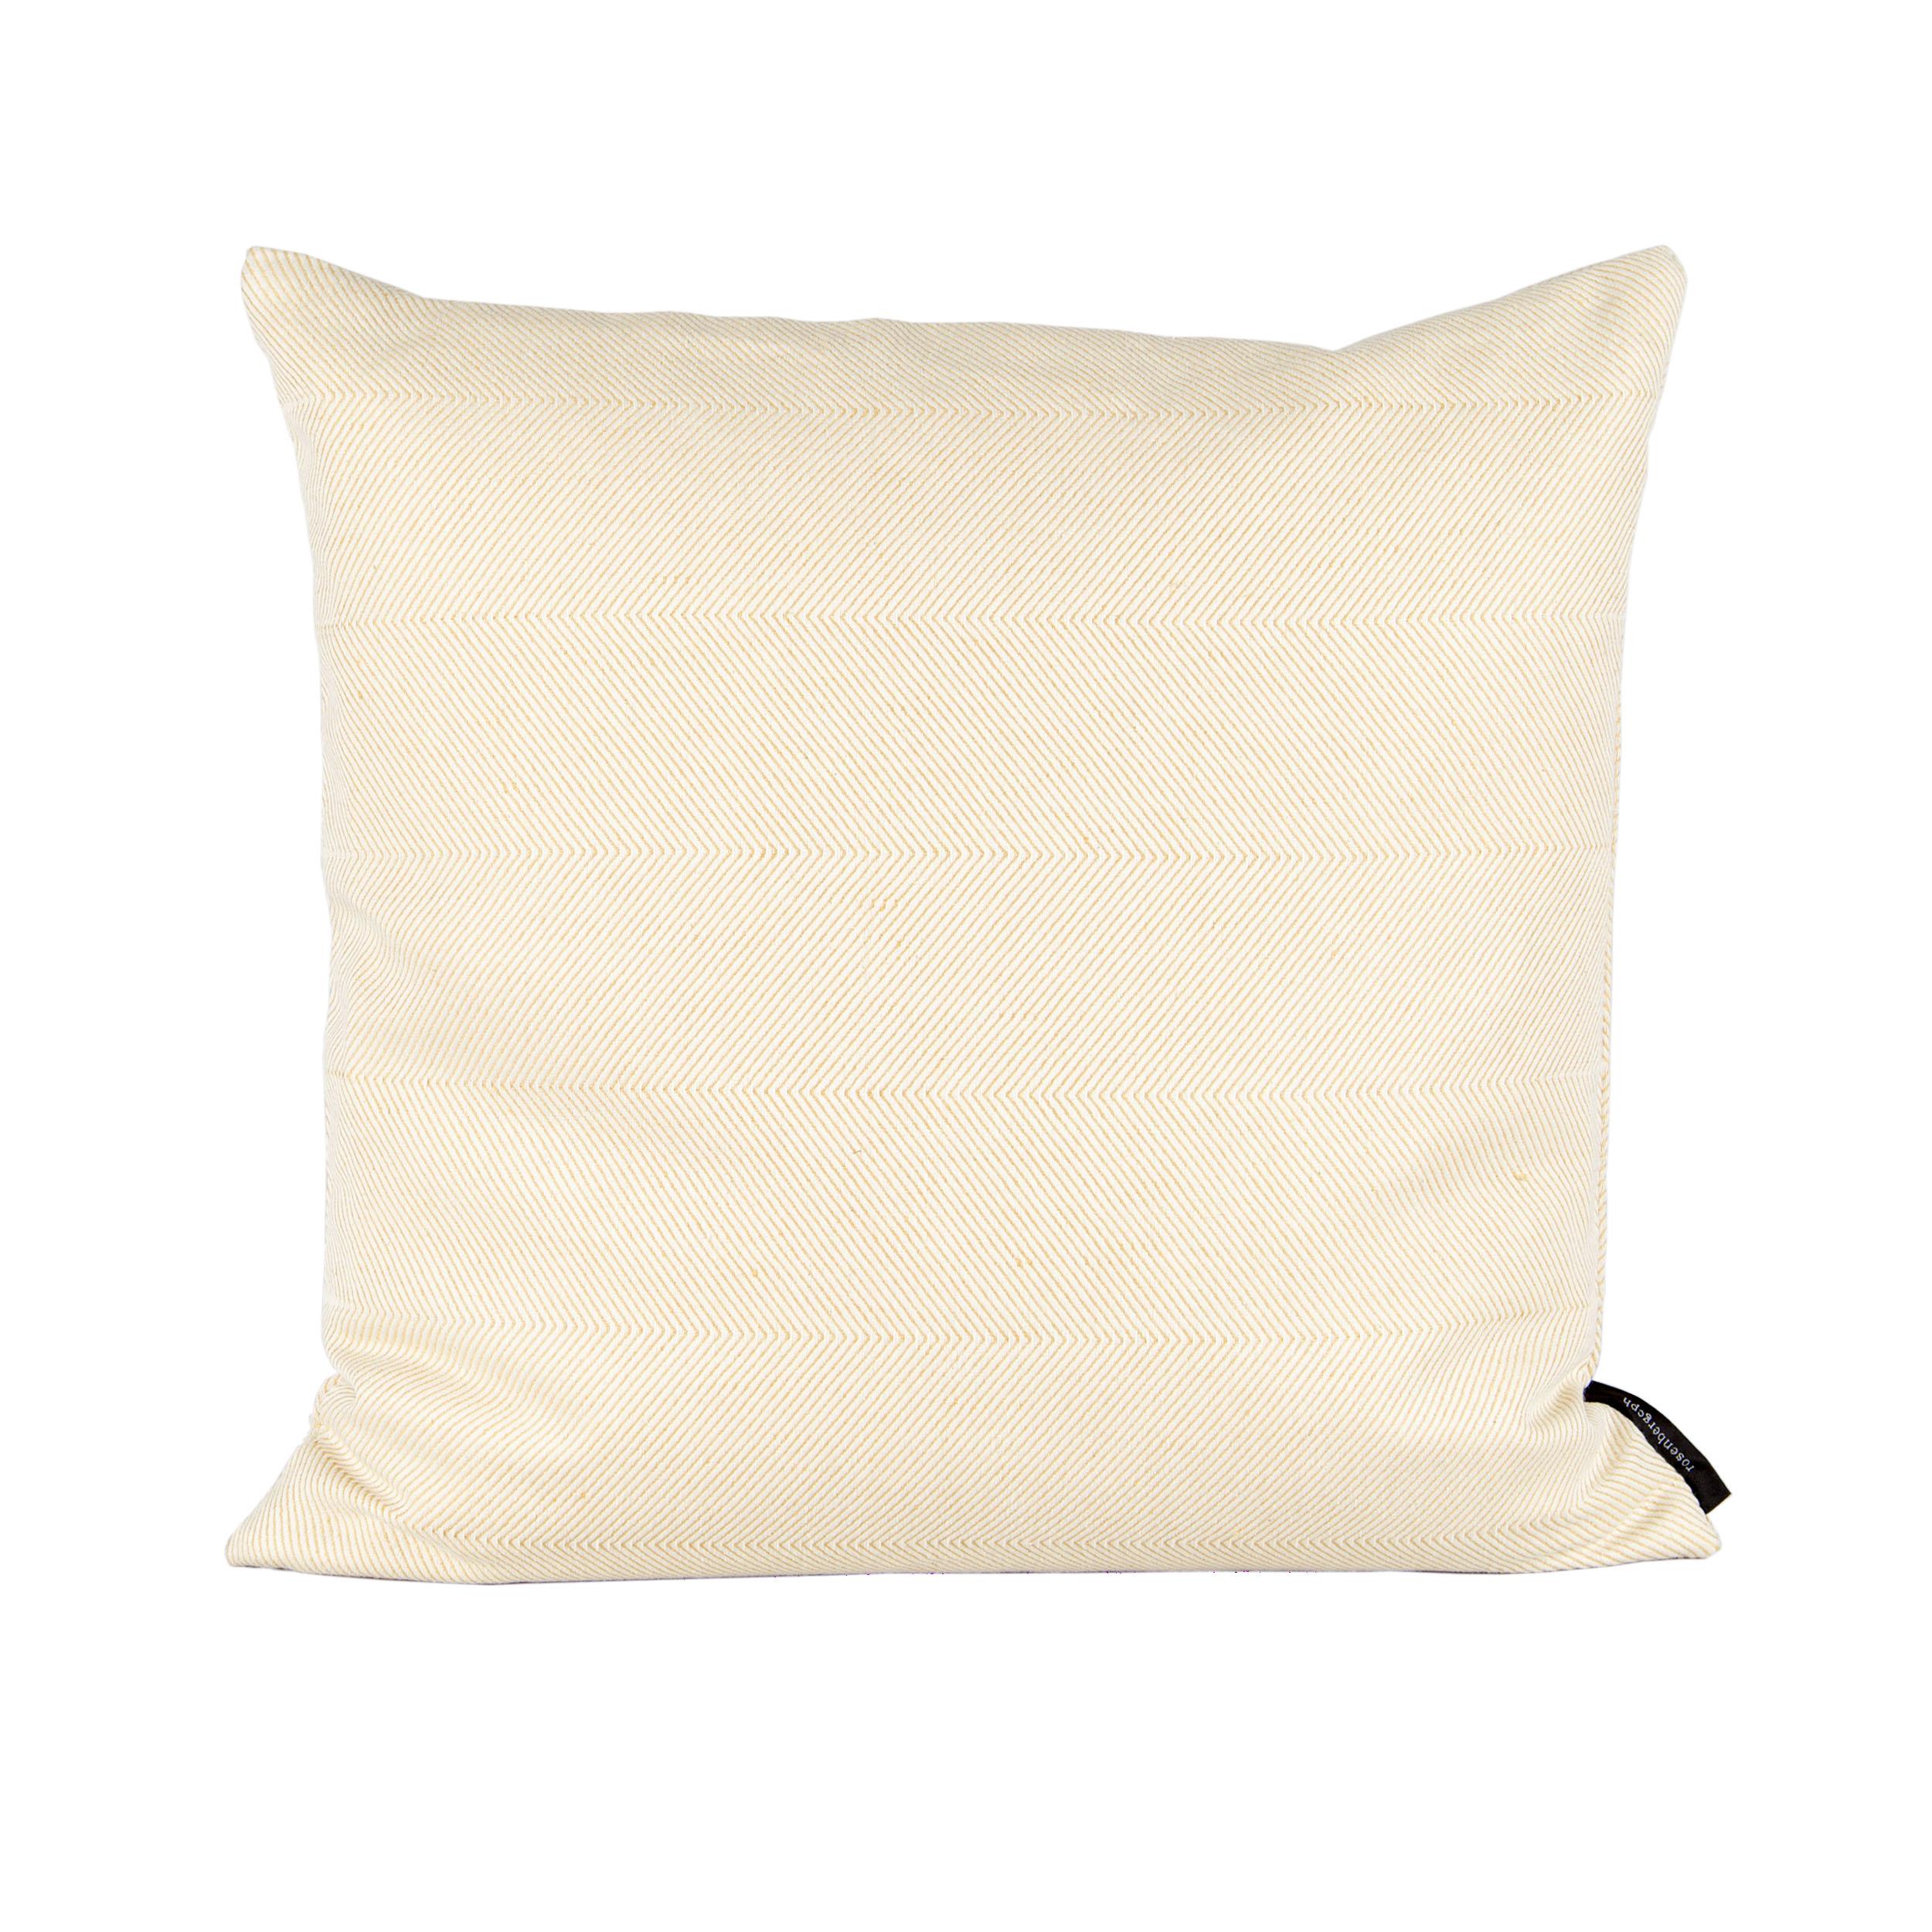 Square cushion linen/cotton light hay yellow design by Anne Rosenberg, RosenbergCph